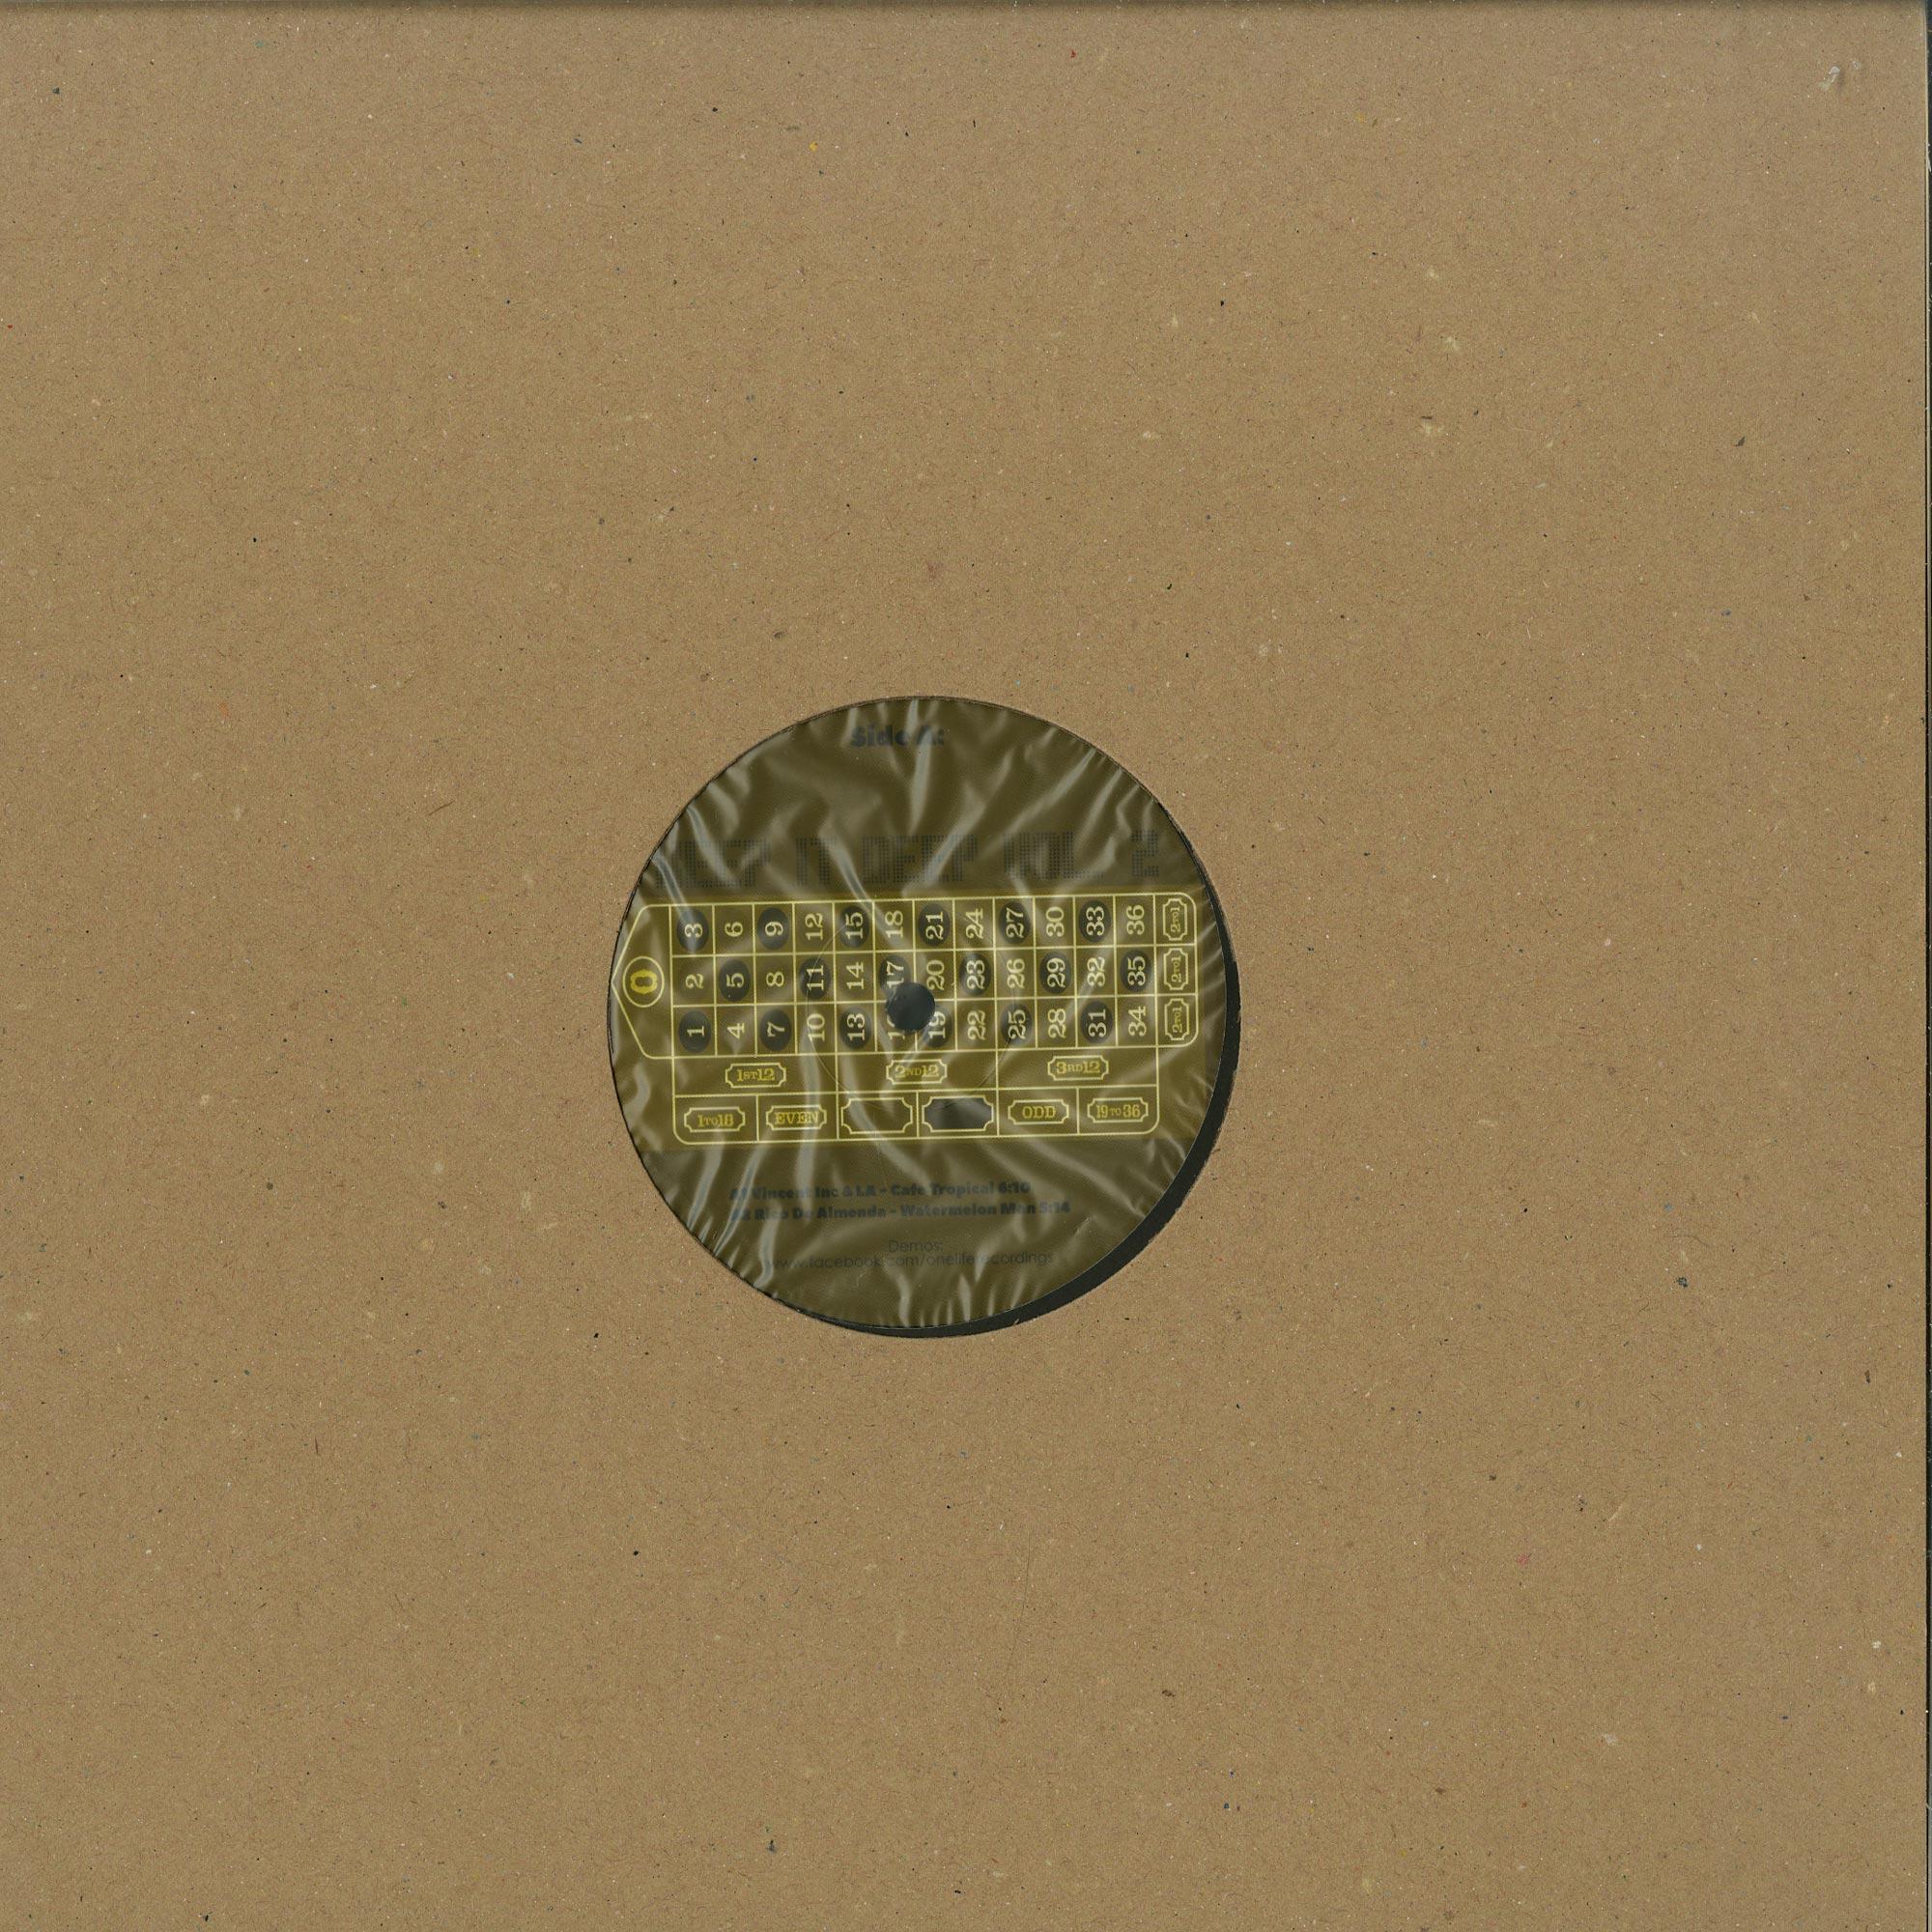 Vincent Inc / Vincent Floyd / Rico De Almenda / Venus Attack Project - KEEP IT DEEP VOL 2